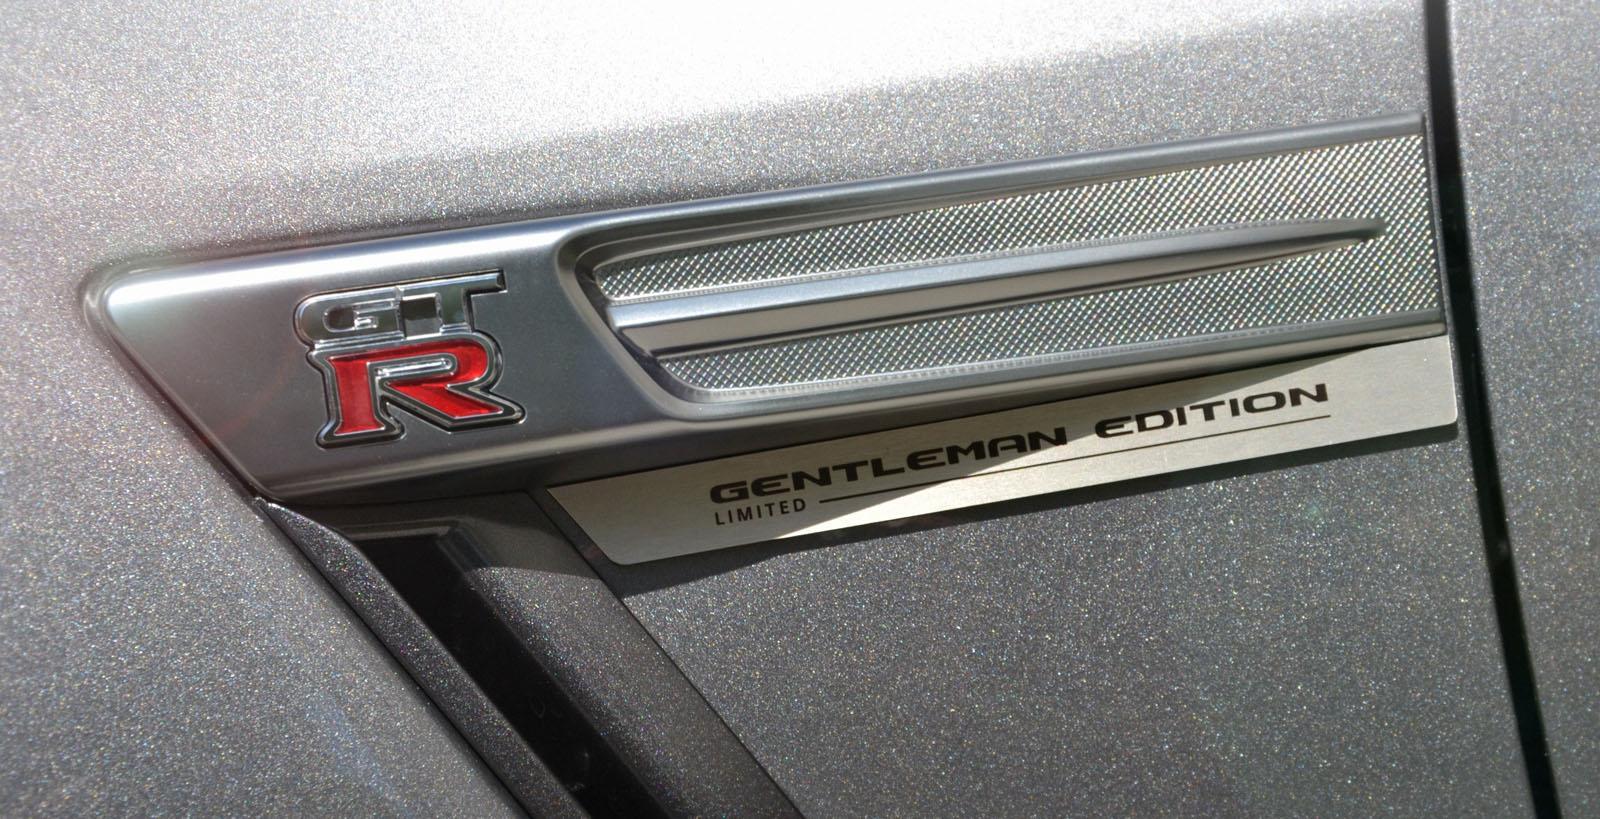 2013 Nissan GT-R Gentleman Edition Vorsteiner Porsche 991 V-GT Edition ...